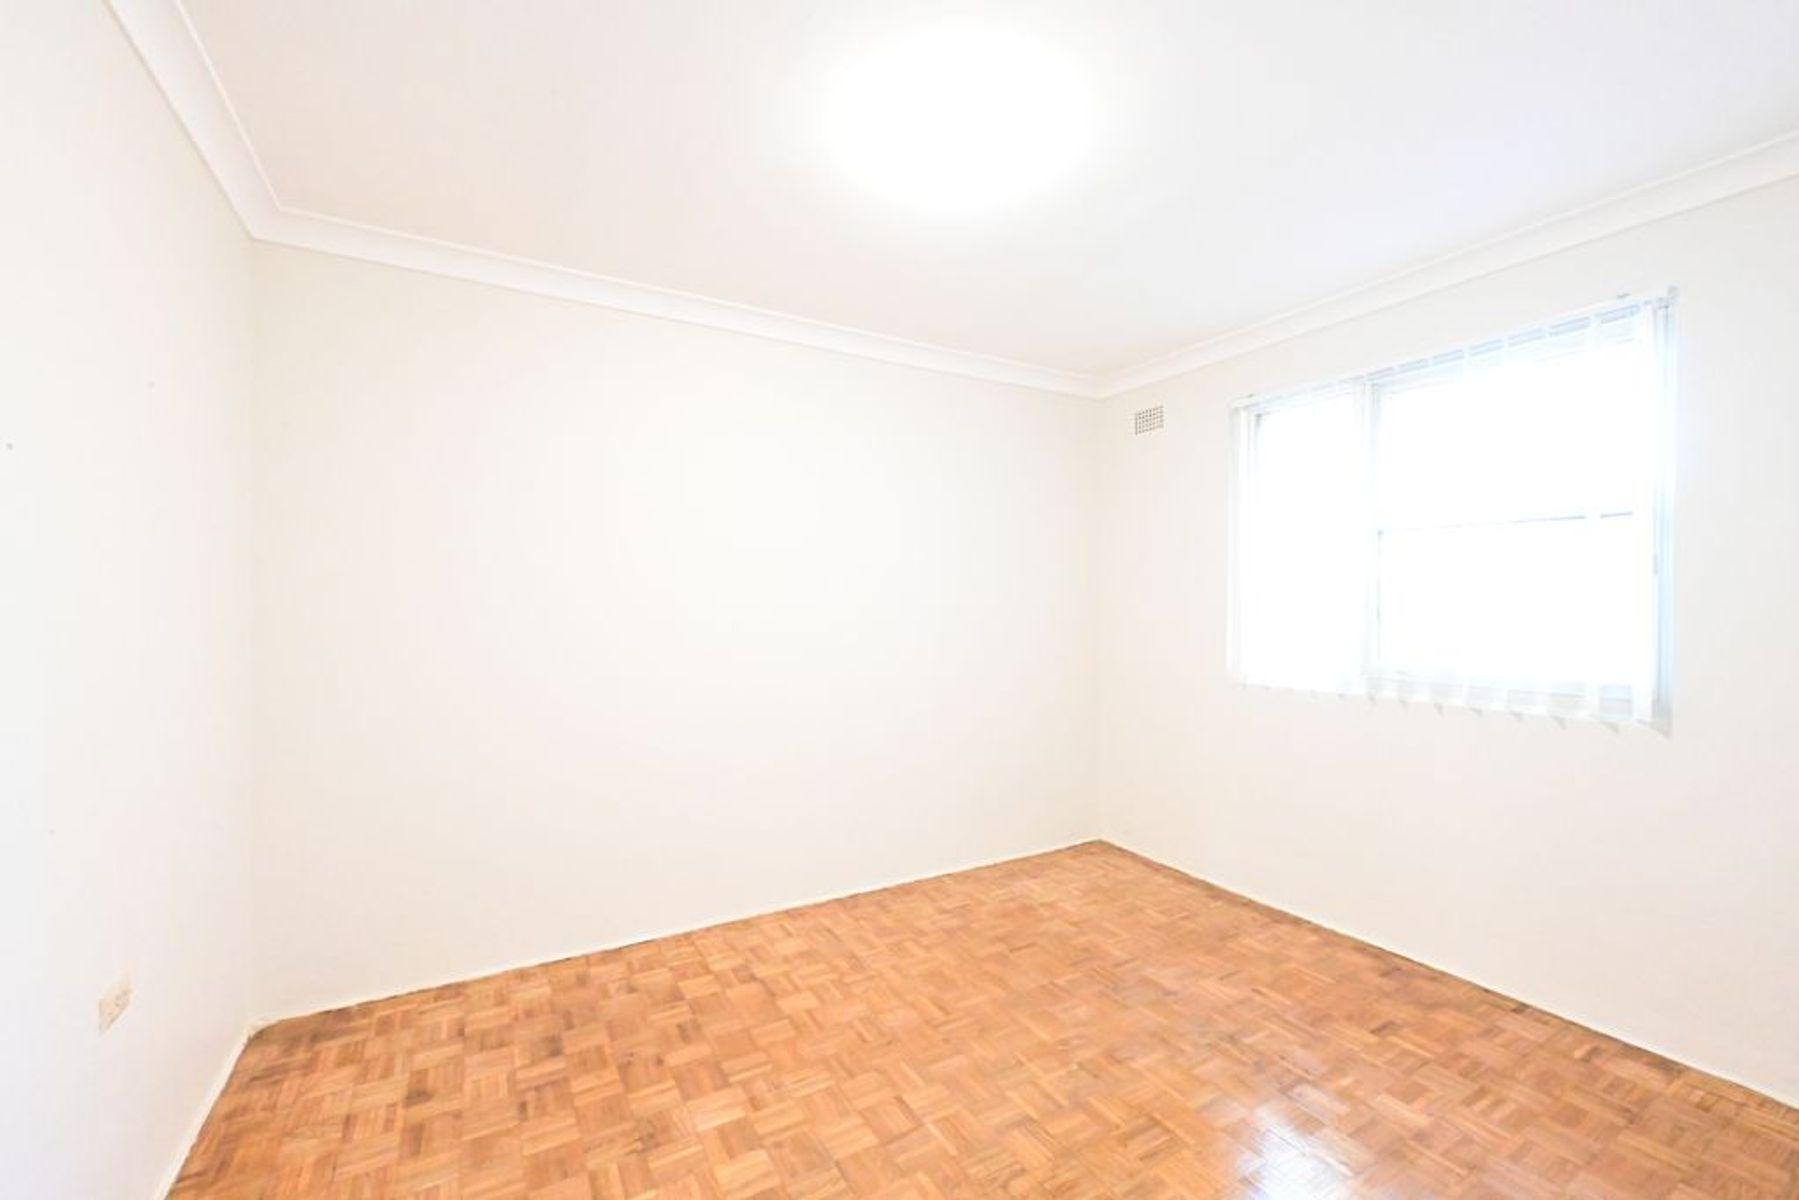 13/14 Crawford Street, Berala, NSW 2141